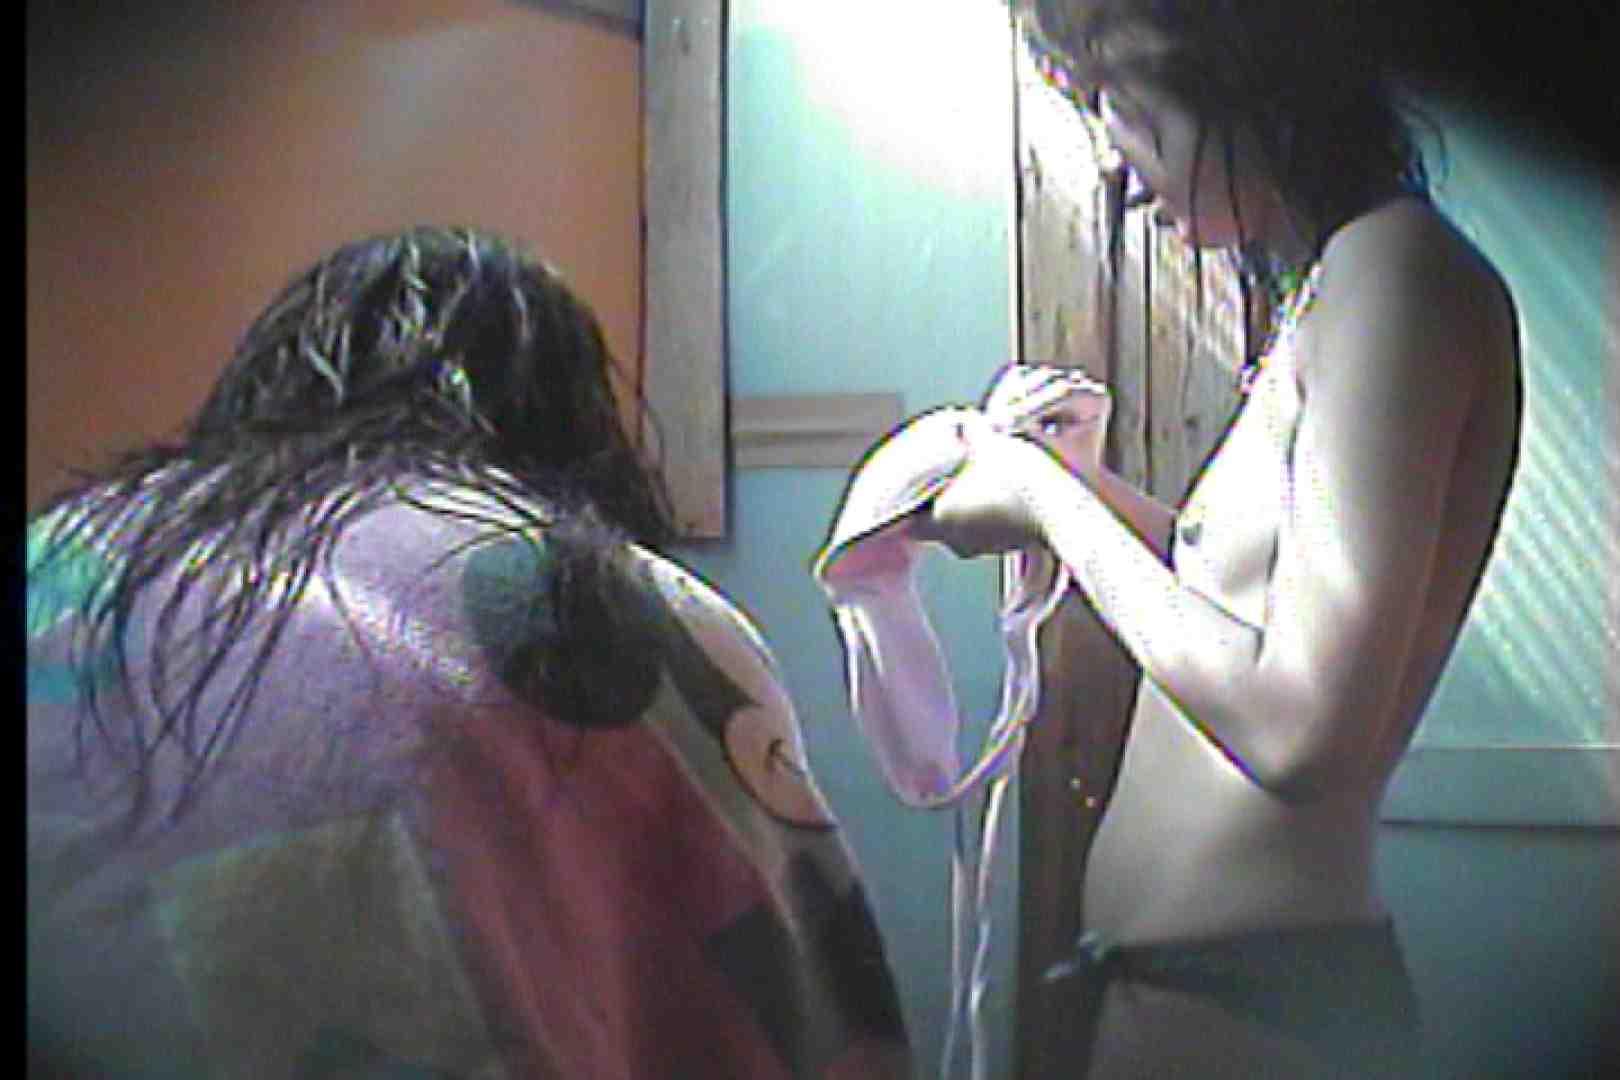 海の家の更衣室 Vol.44 OLのボディ   美女のボディ  74PIX 10